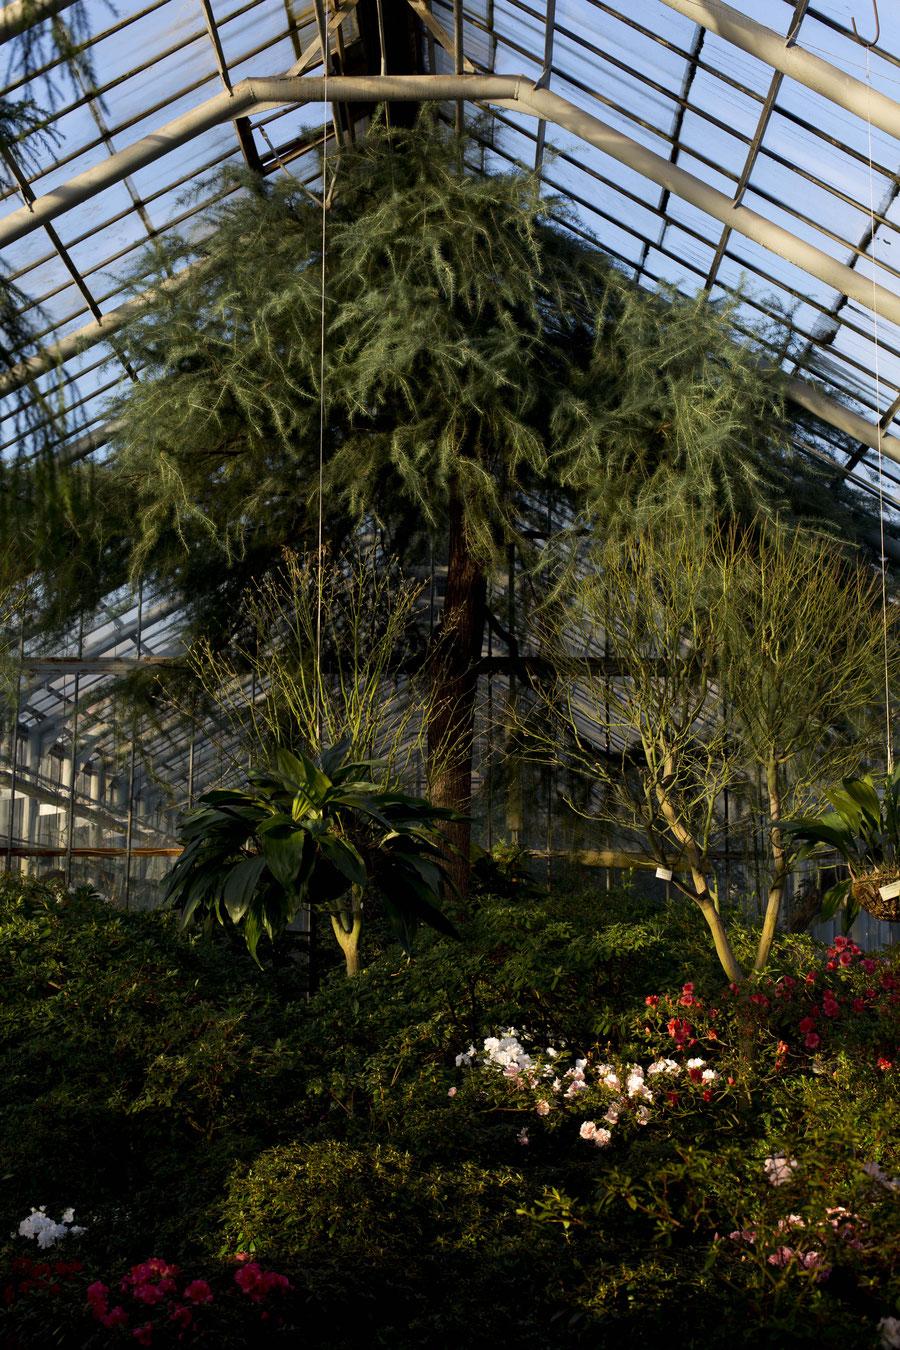 Die Ebenen beim Spiel mit Blumen und Glas, Botanischer Garten, Sankt Petersburg